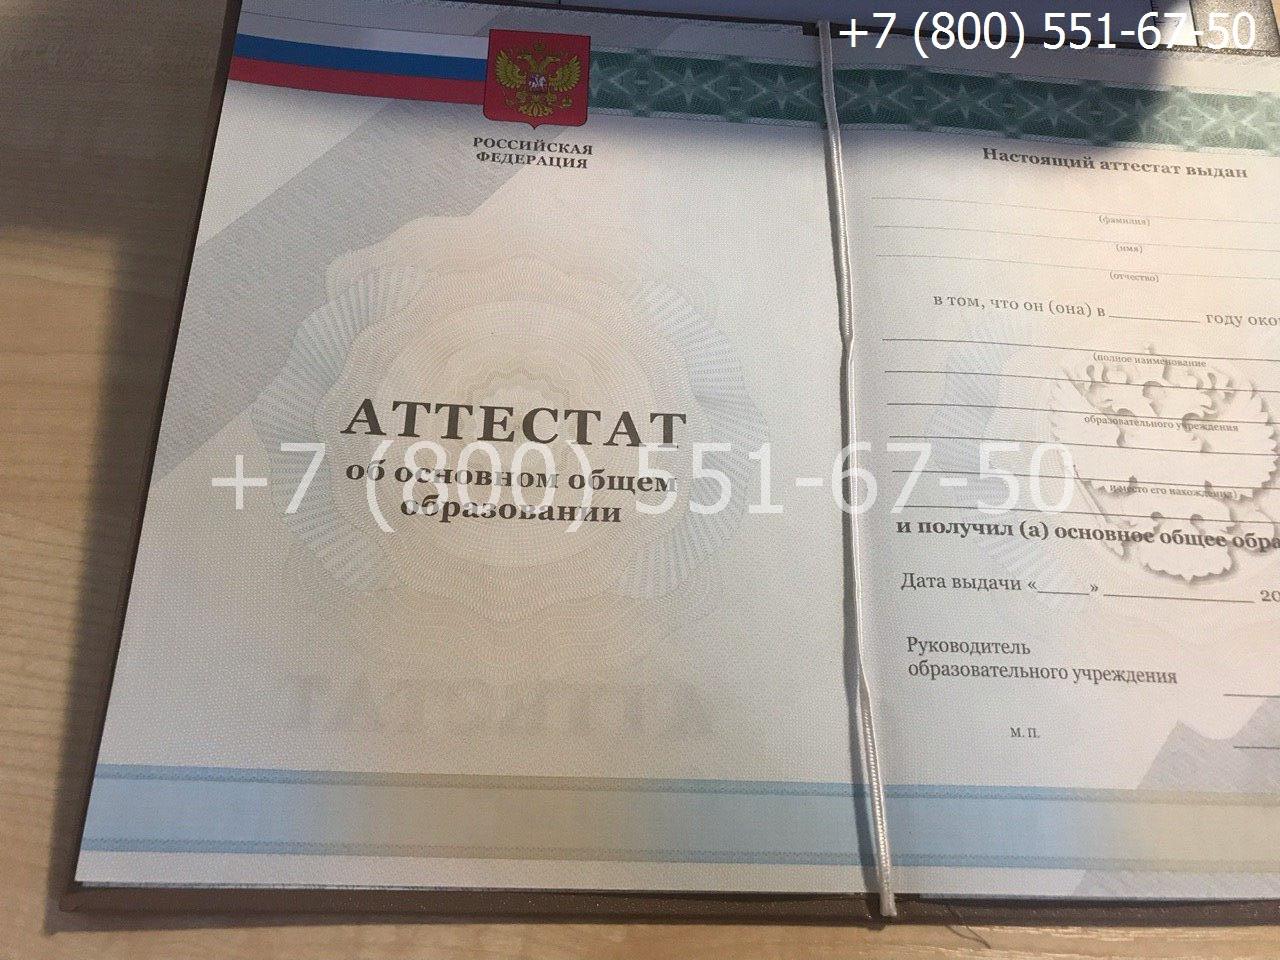 Аттестат 9 класс 2010-2013 годов, образец, титульный лист-1